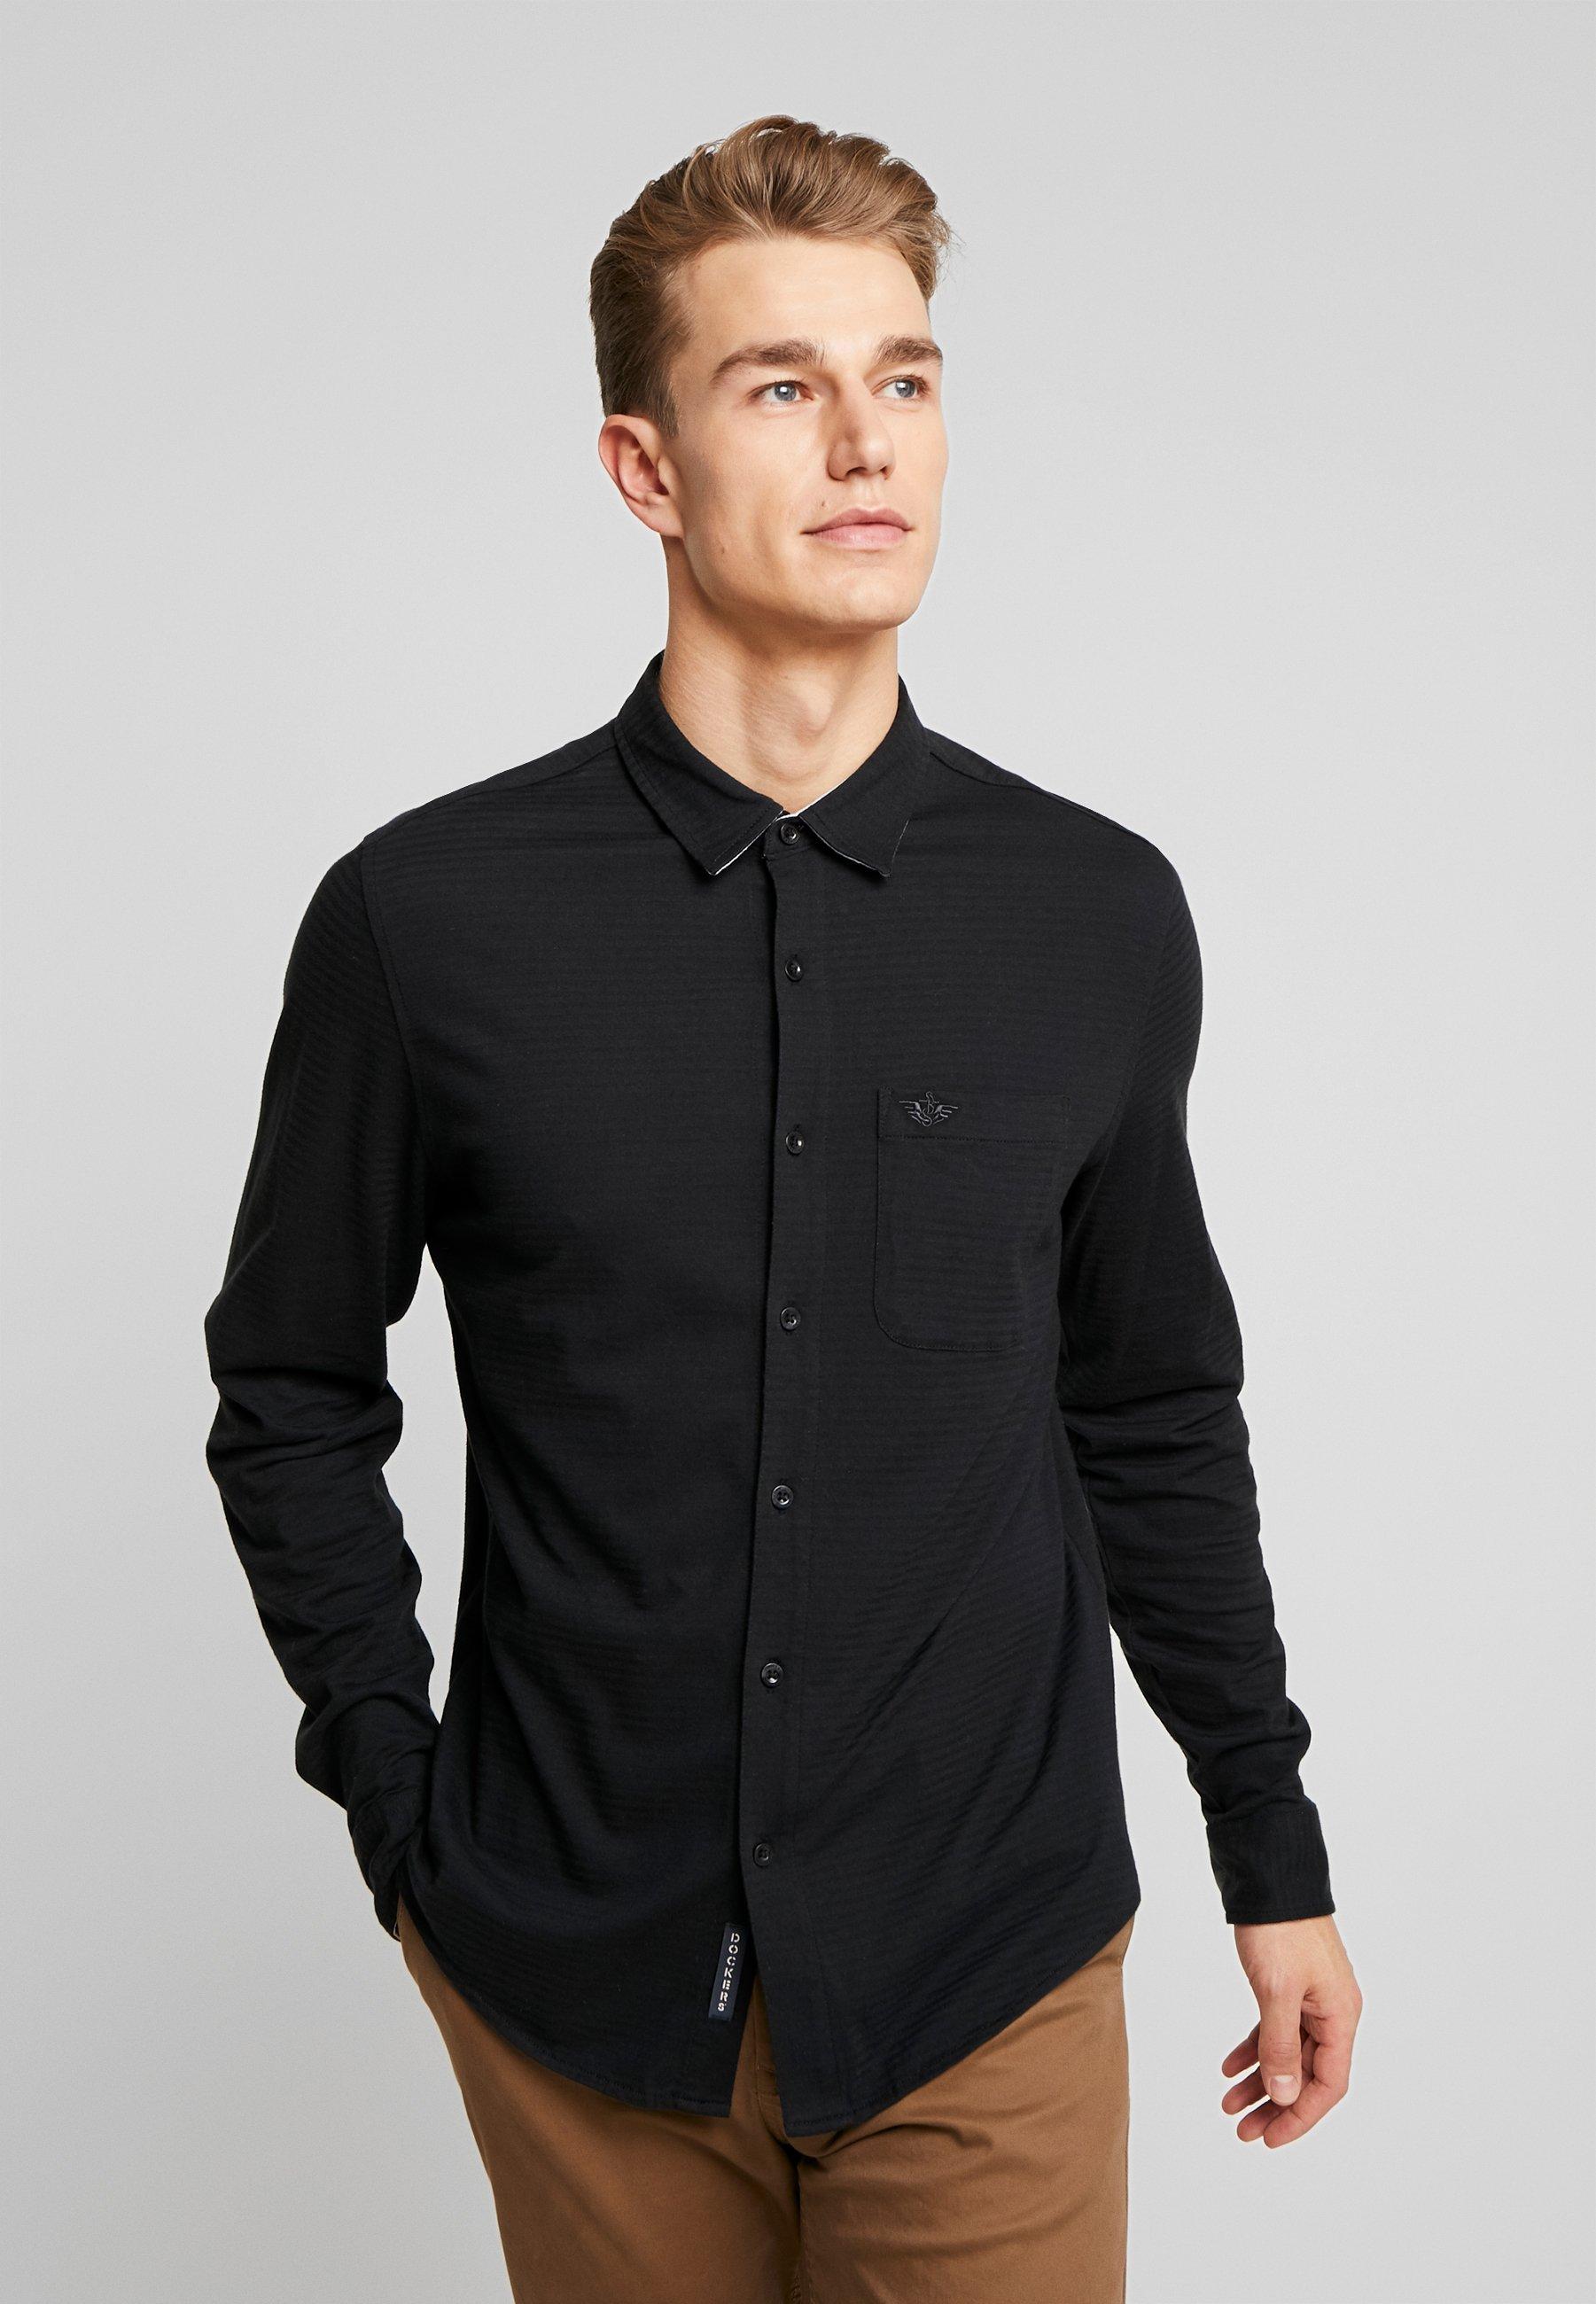 Dockers Alpha 360 Button Up - Shirt Pirate Black